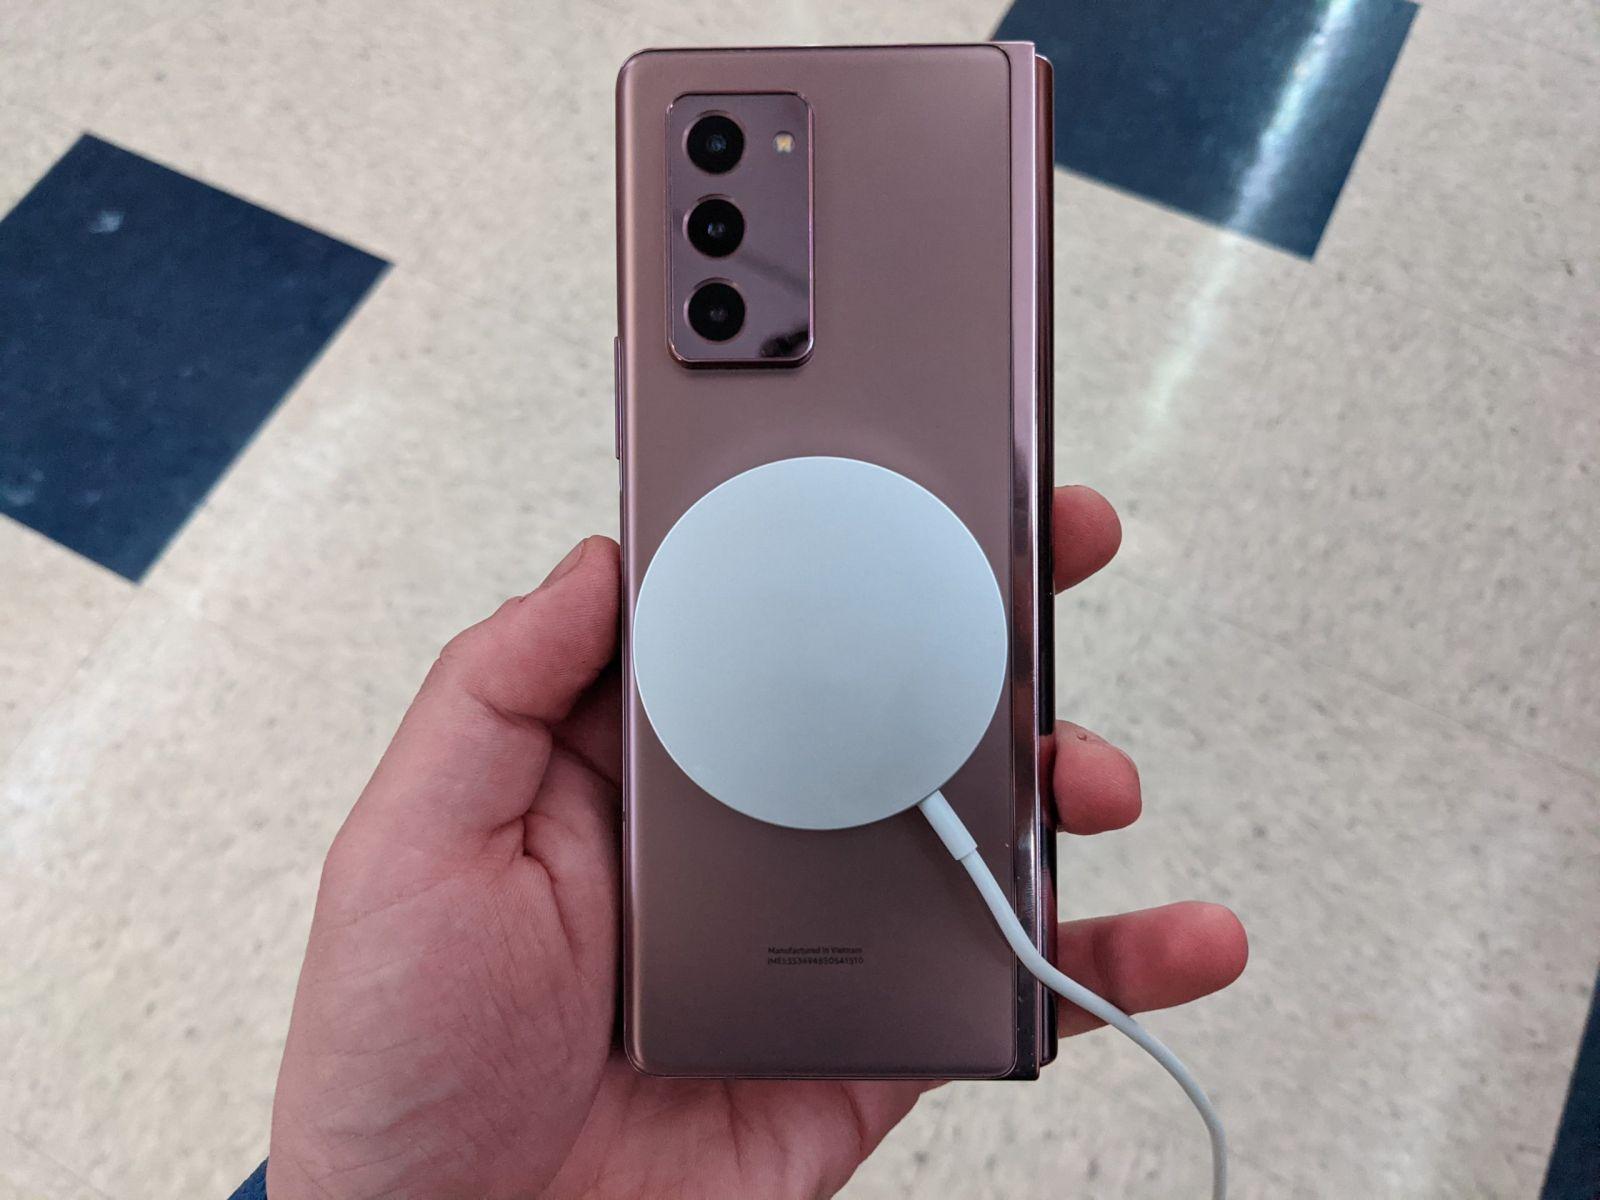 Новое зарядное устройство Apple MagSafe работает на Samsung Galaxy Z Fold 2 (PXL 20201019 211805735 scaled 1)